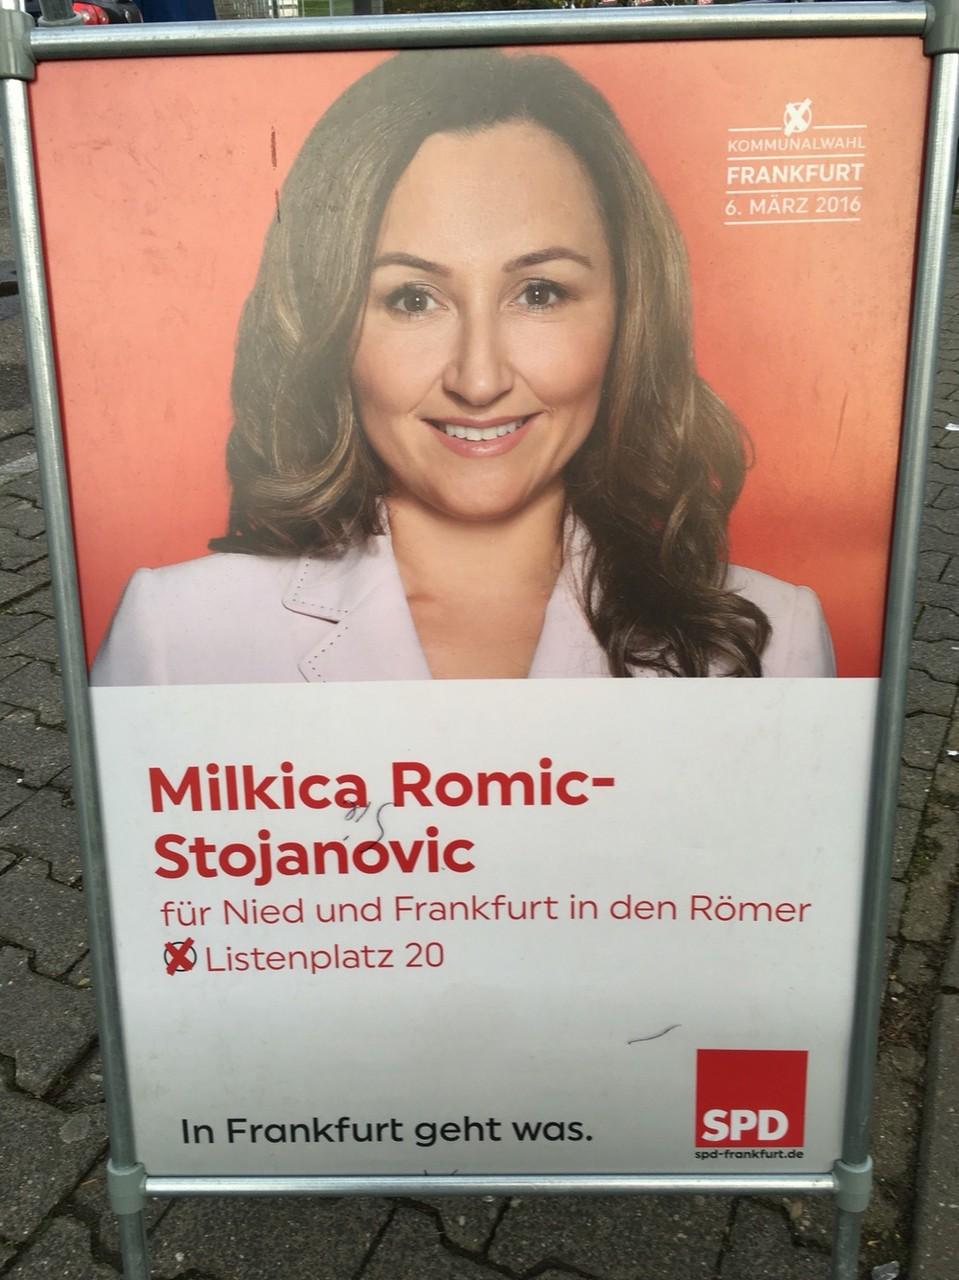 Milkica Romic Plakat